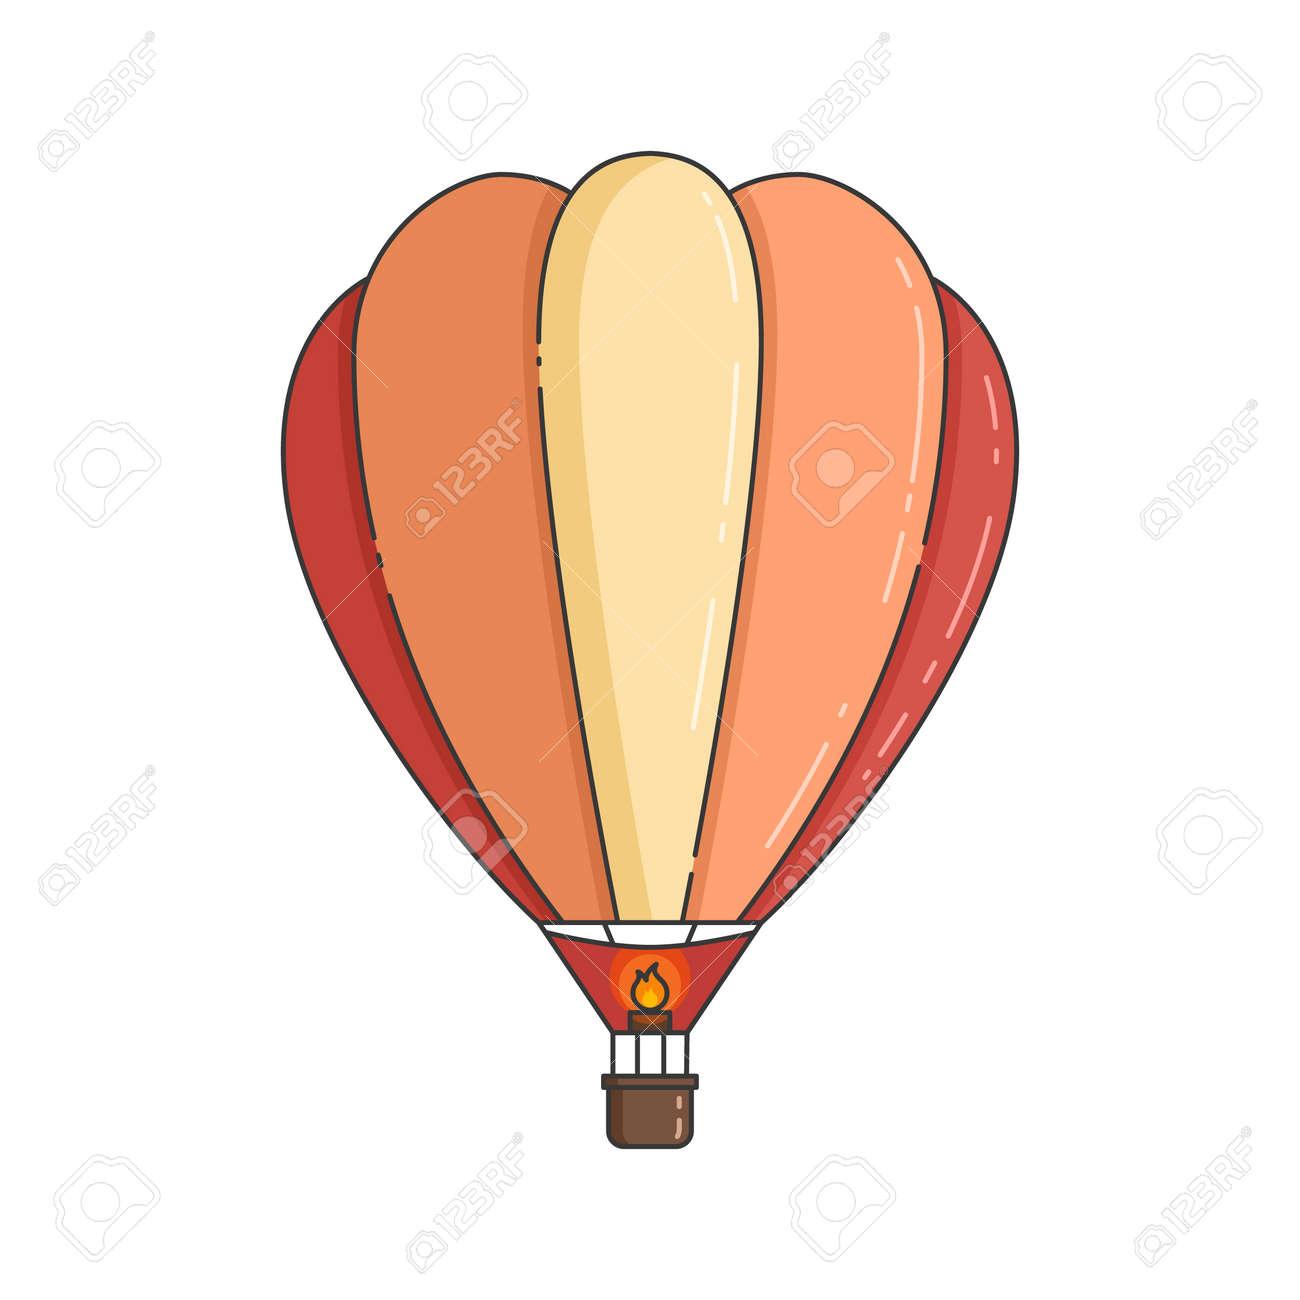 Färben Sie Den Heißluftballon, Der Auf Weißem Hintergrund ...